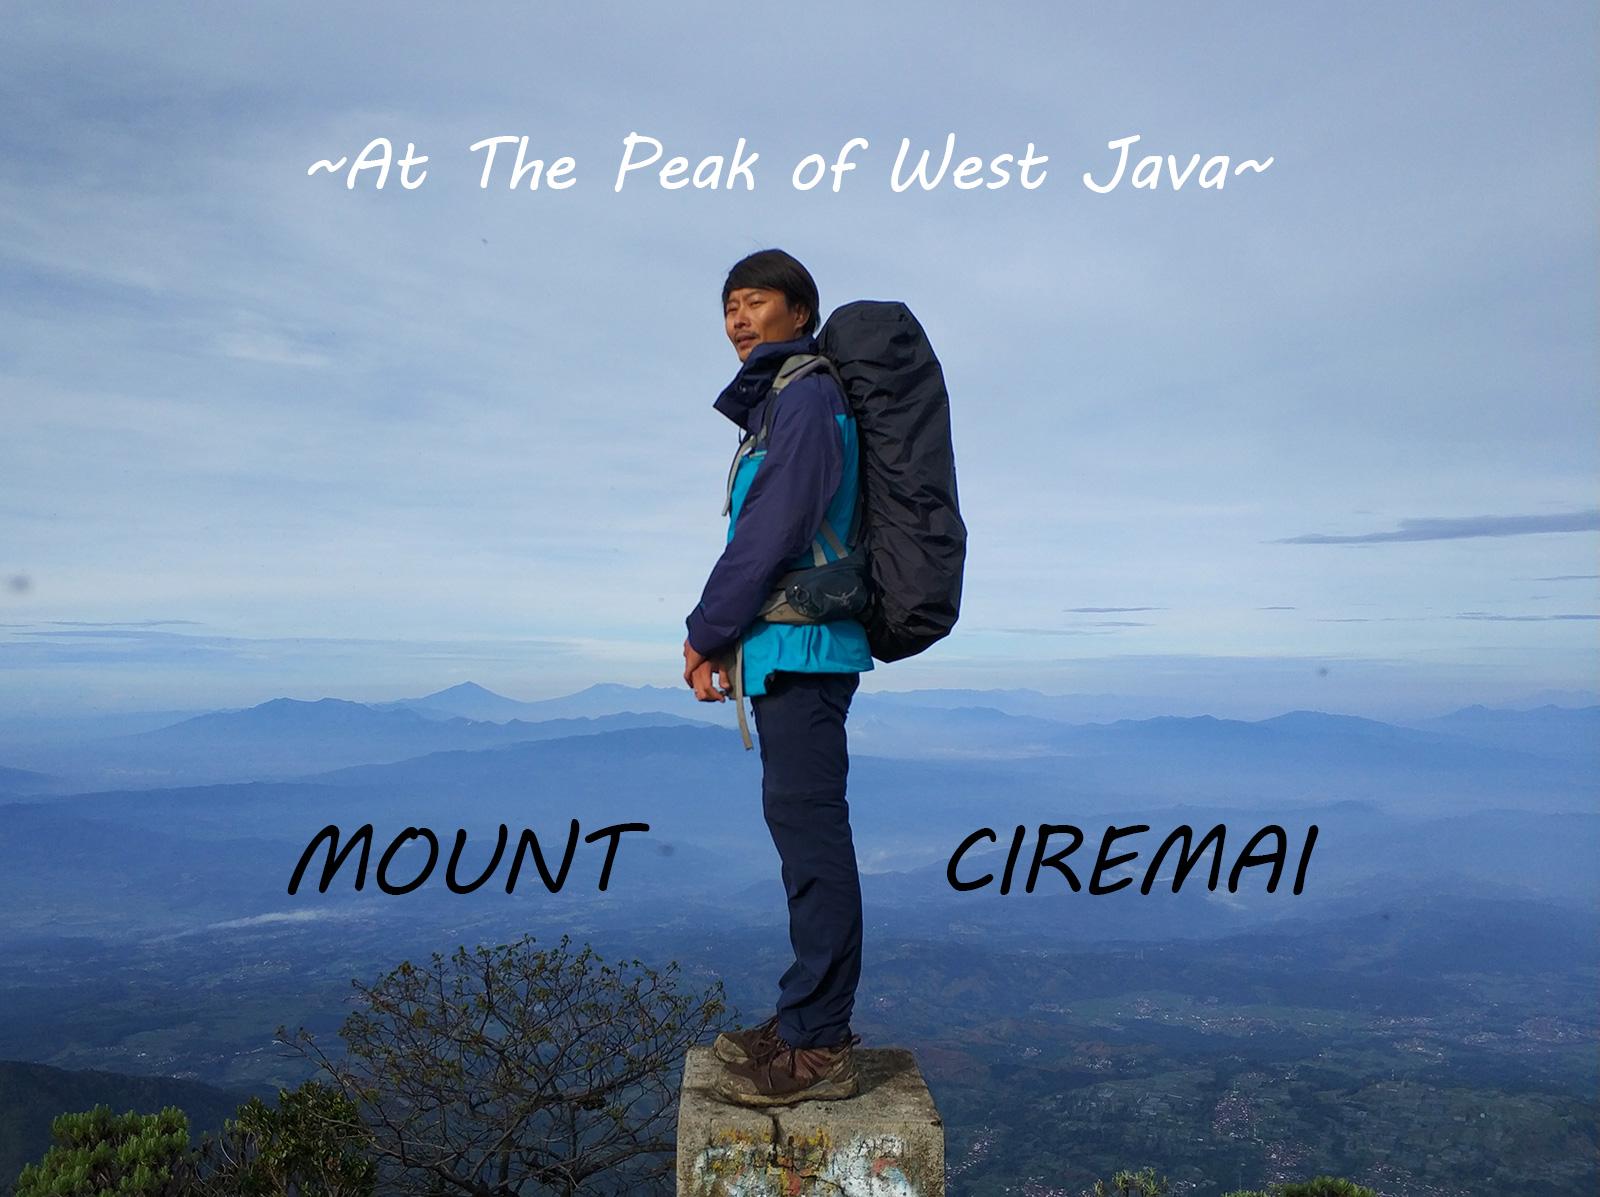 西ジャワ最高峰のチルマイ山